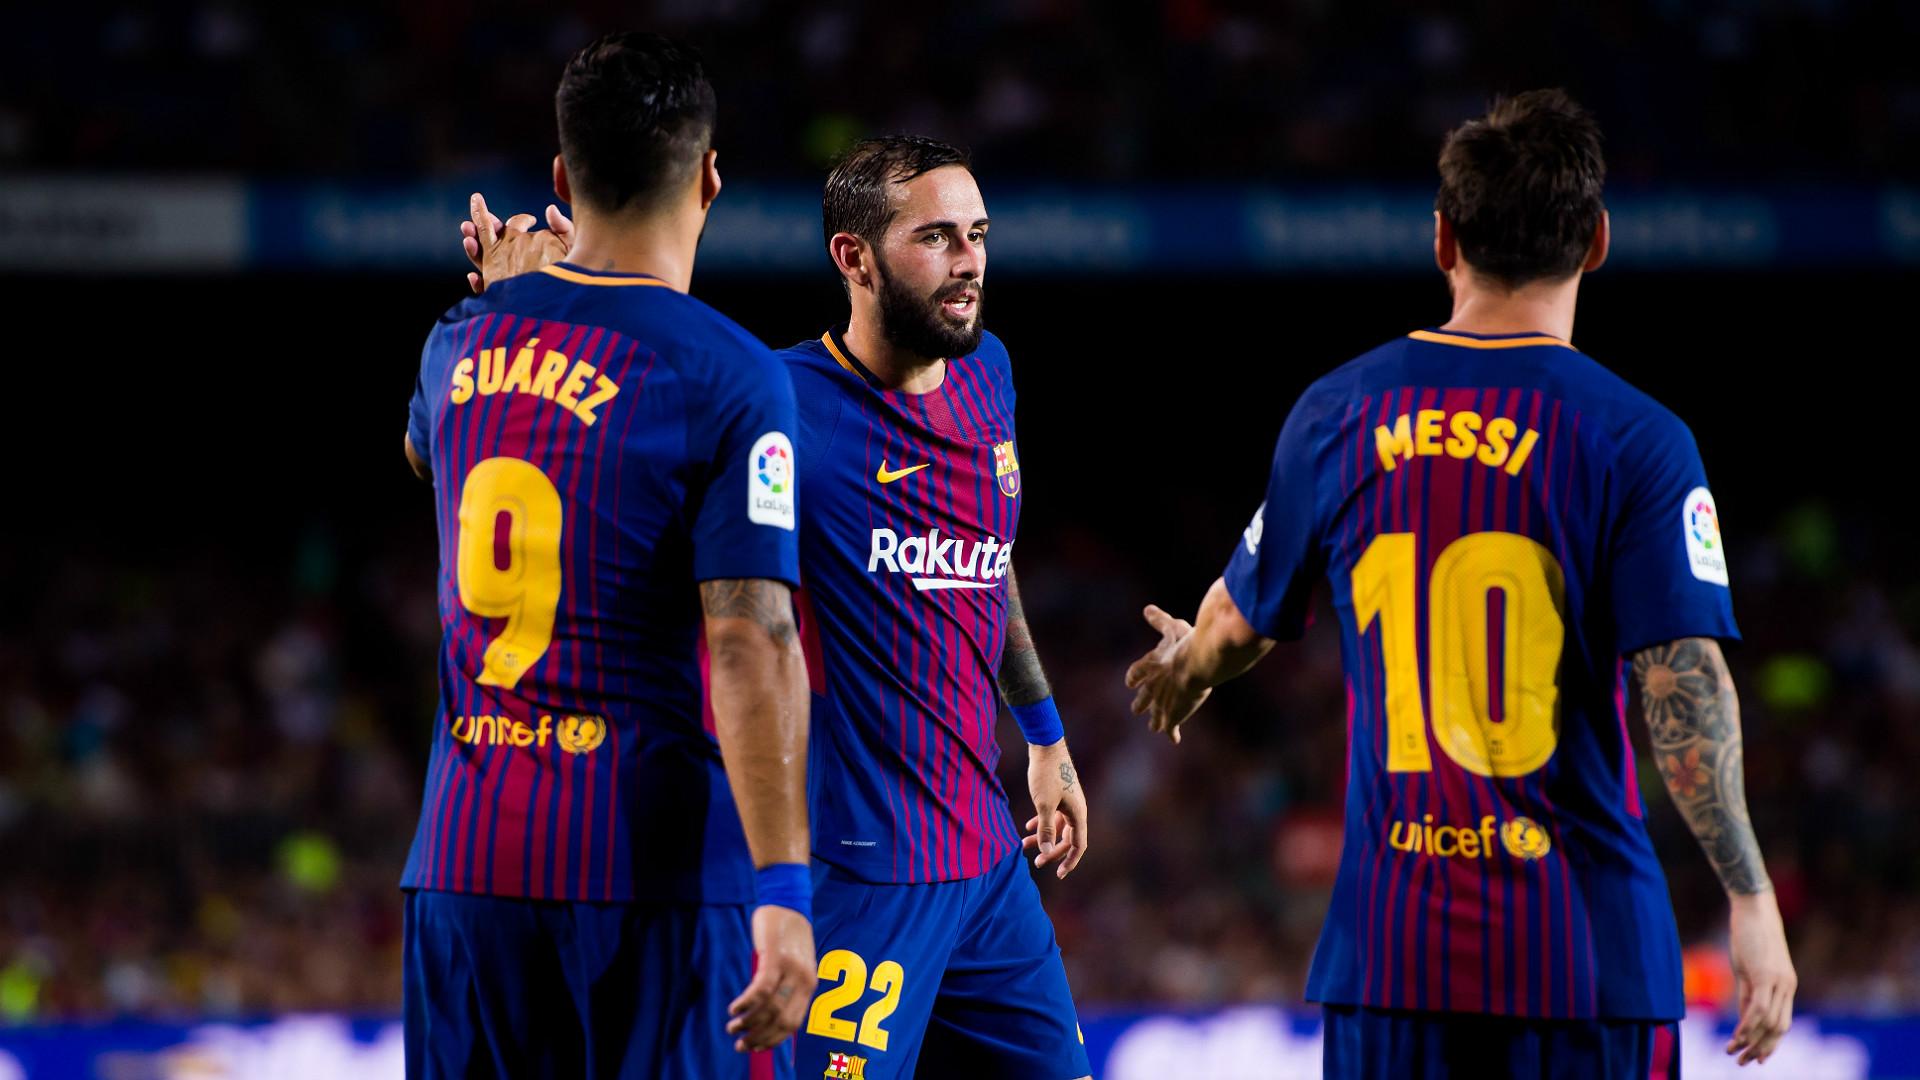 Aleix la gana la partida a Semedo Messi-suarez-aleix-vidal-barcelona_1h06eh82msou41f263mjmoe01w